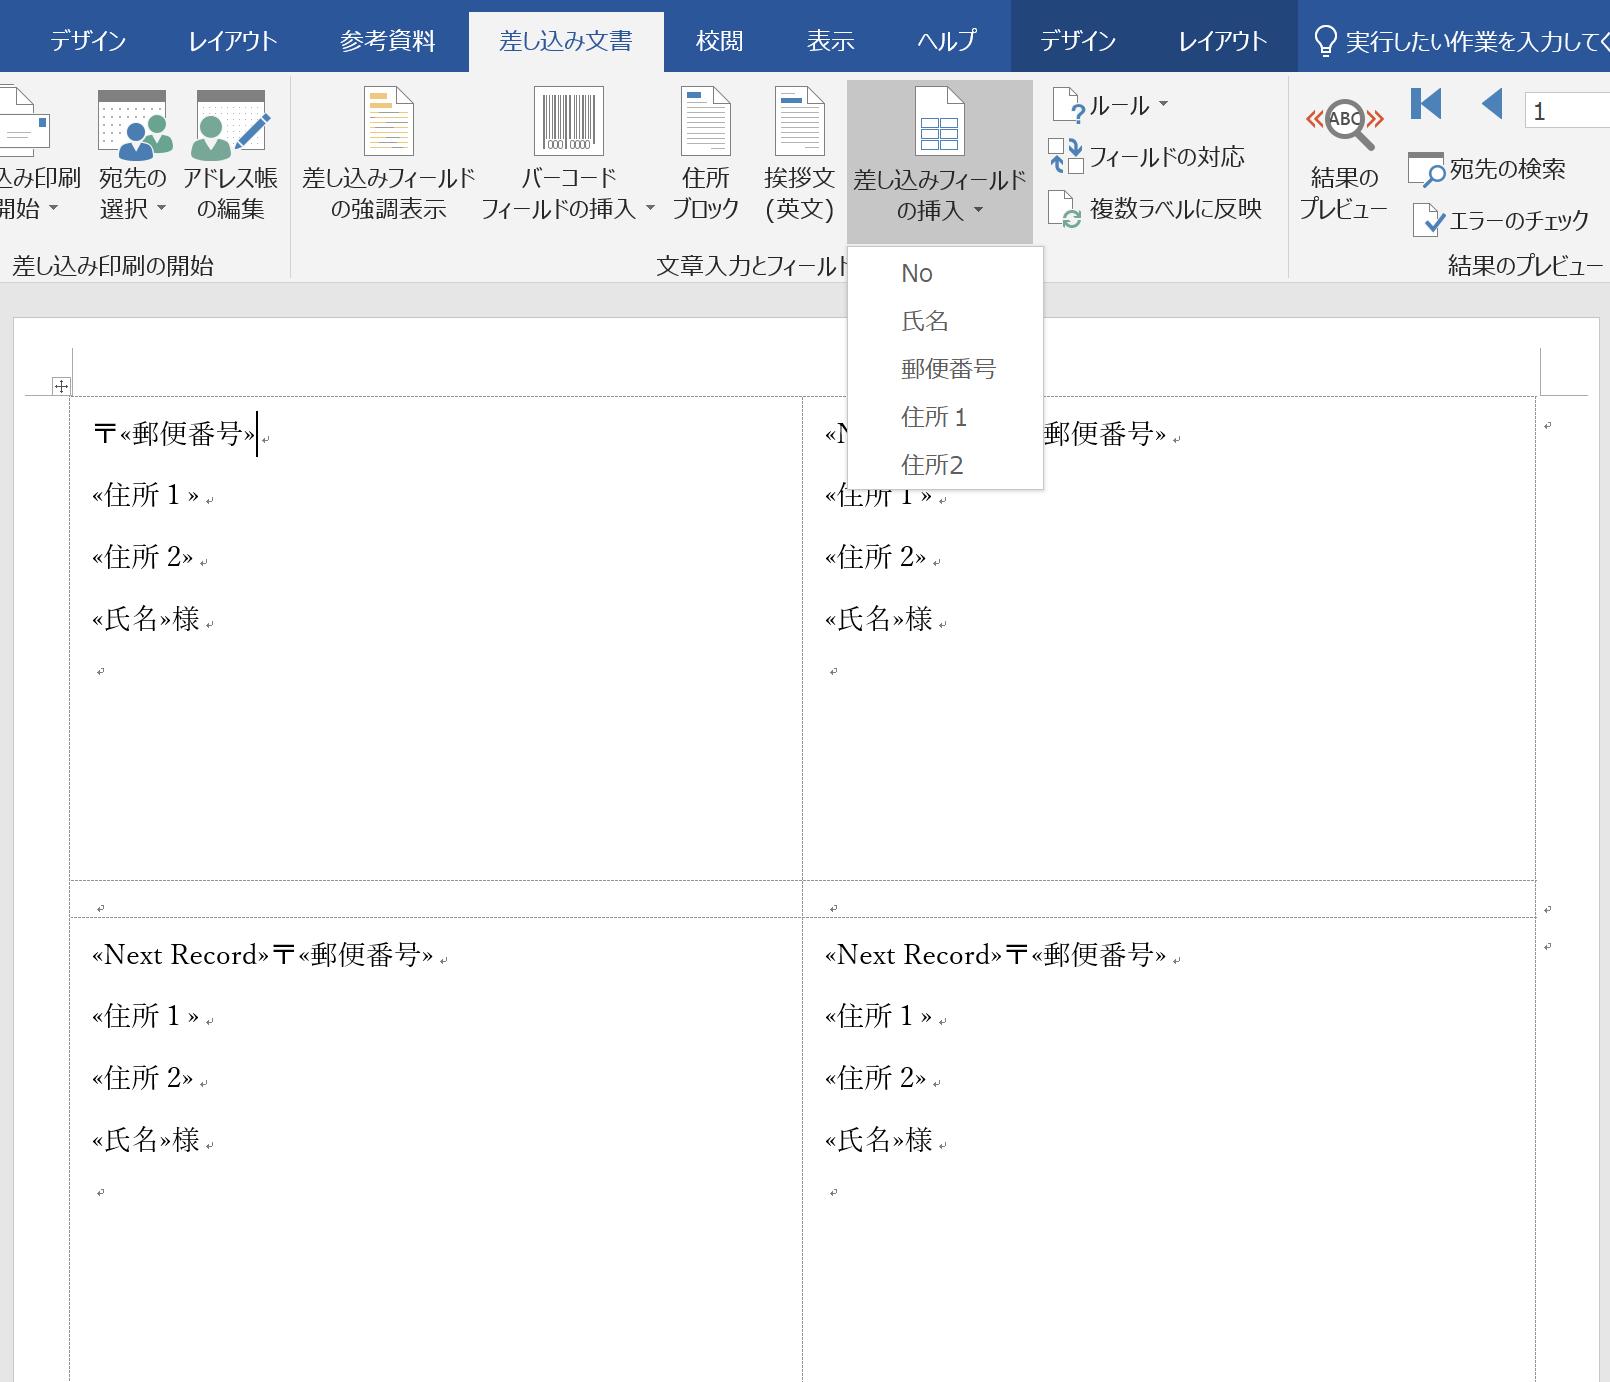 ラベル印刷簡単に作成・印刷!Excelでラベル印刷を行う方法4